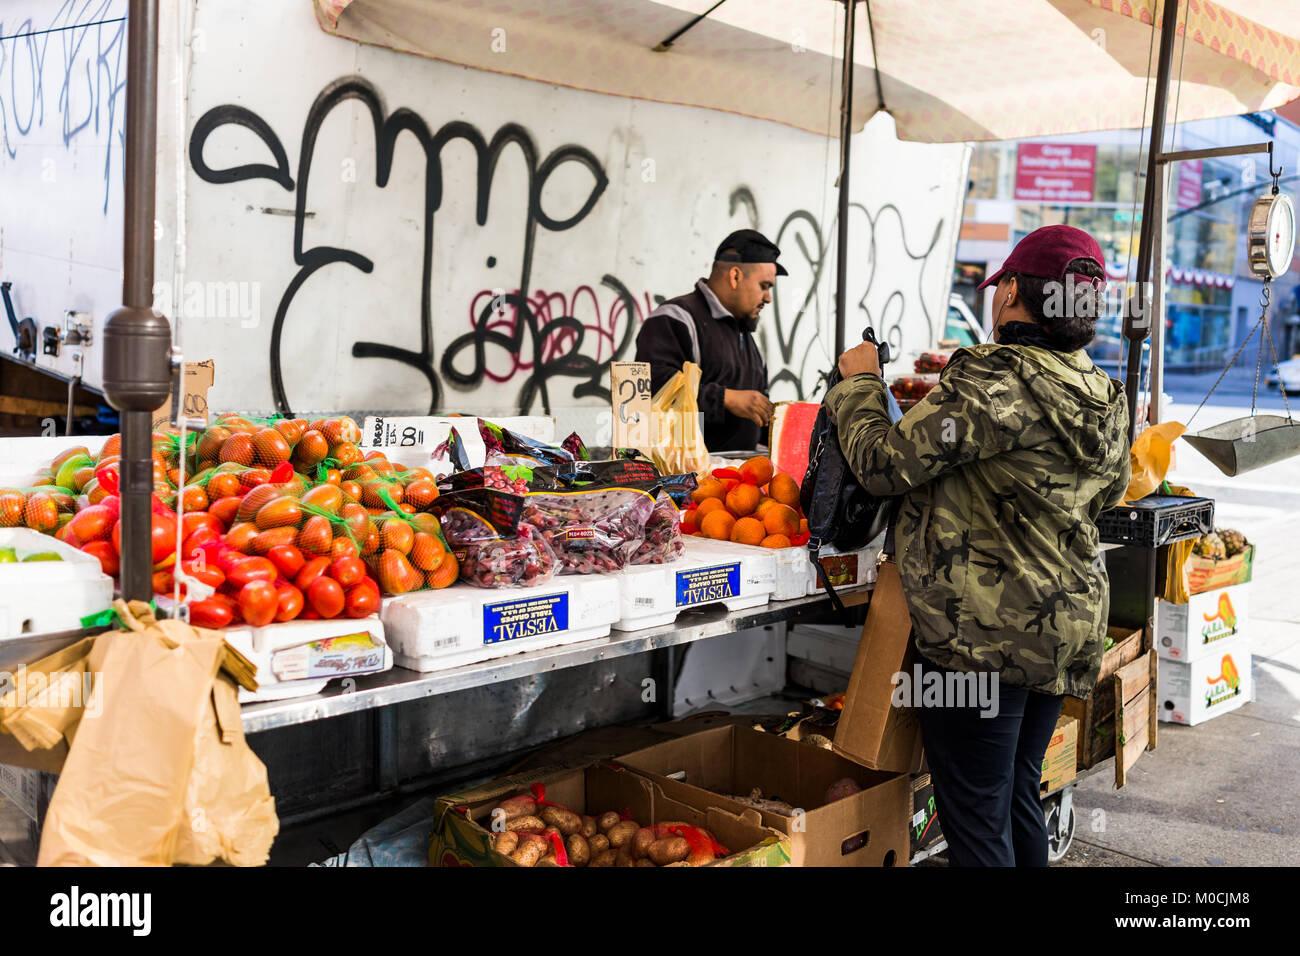 Bronx, ESTADOS UNIDOS - 28 de octubre de 2017: stand de alimentos fruta barata pantalla de mercado shop venta mostrar Imagen De Stock